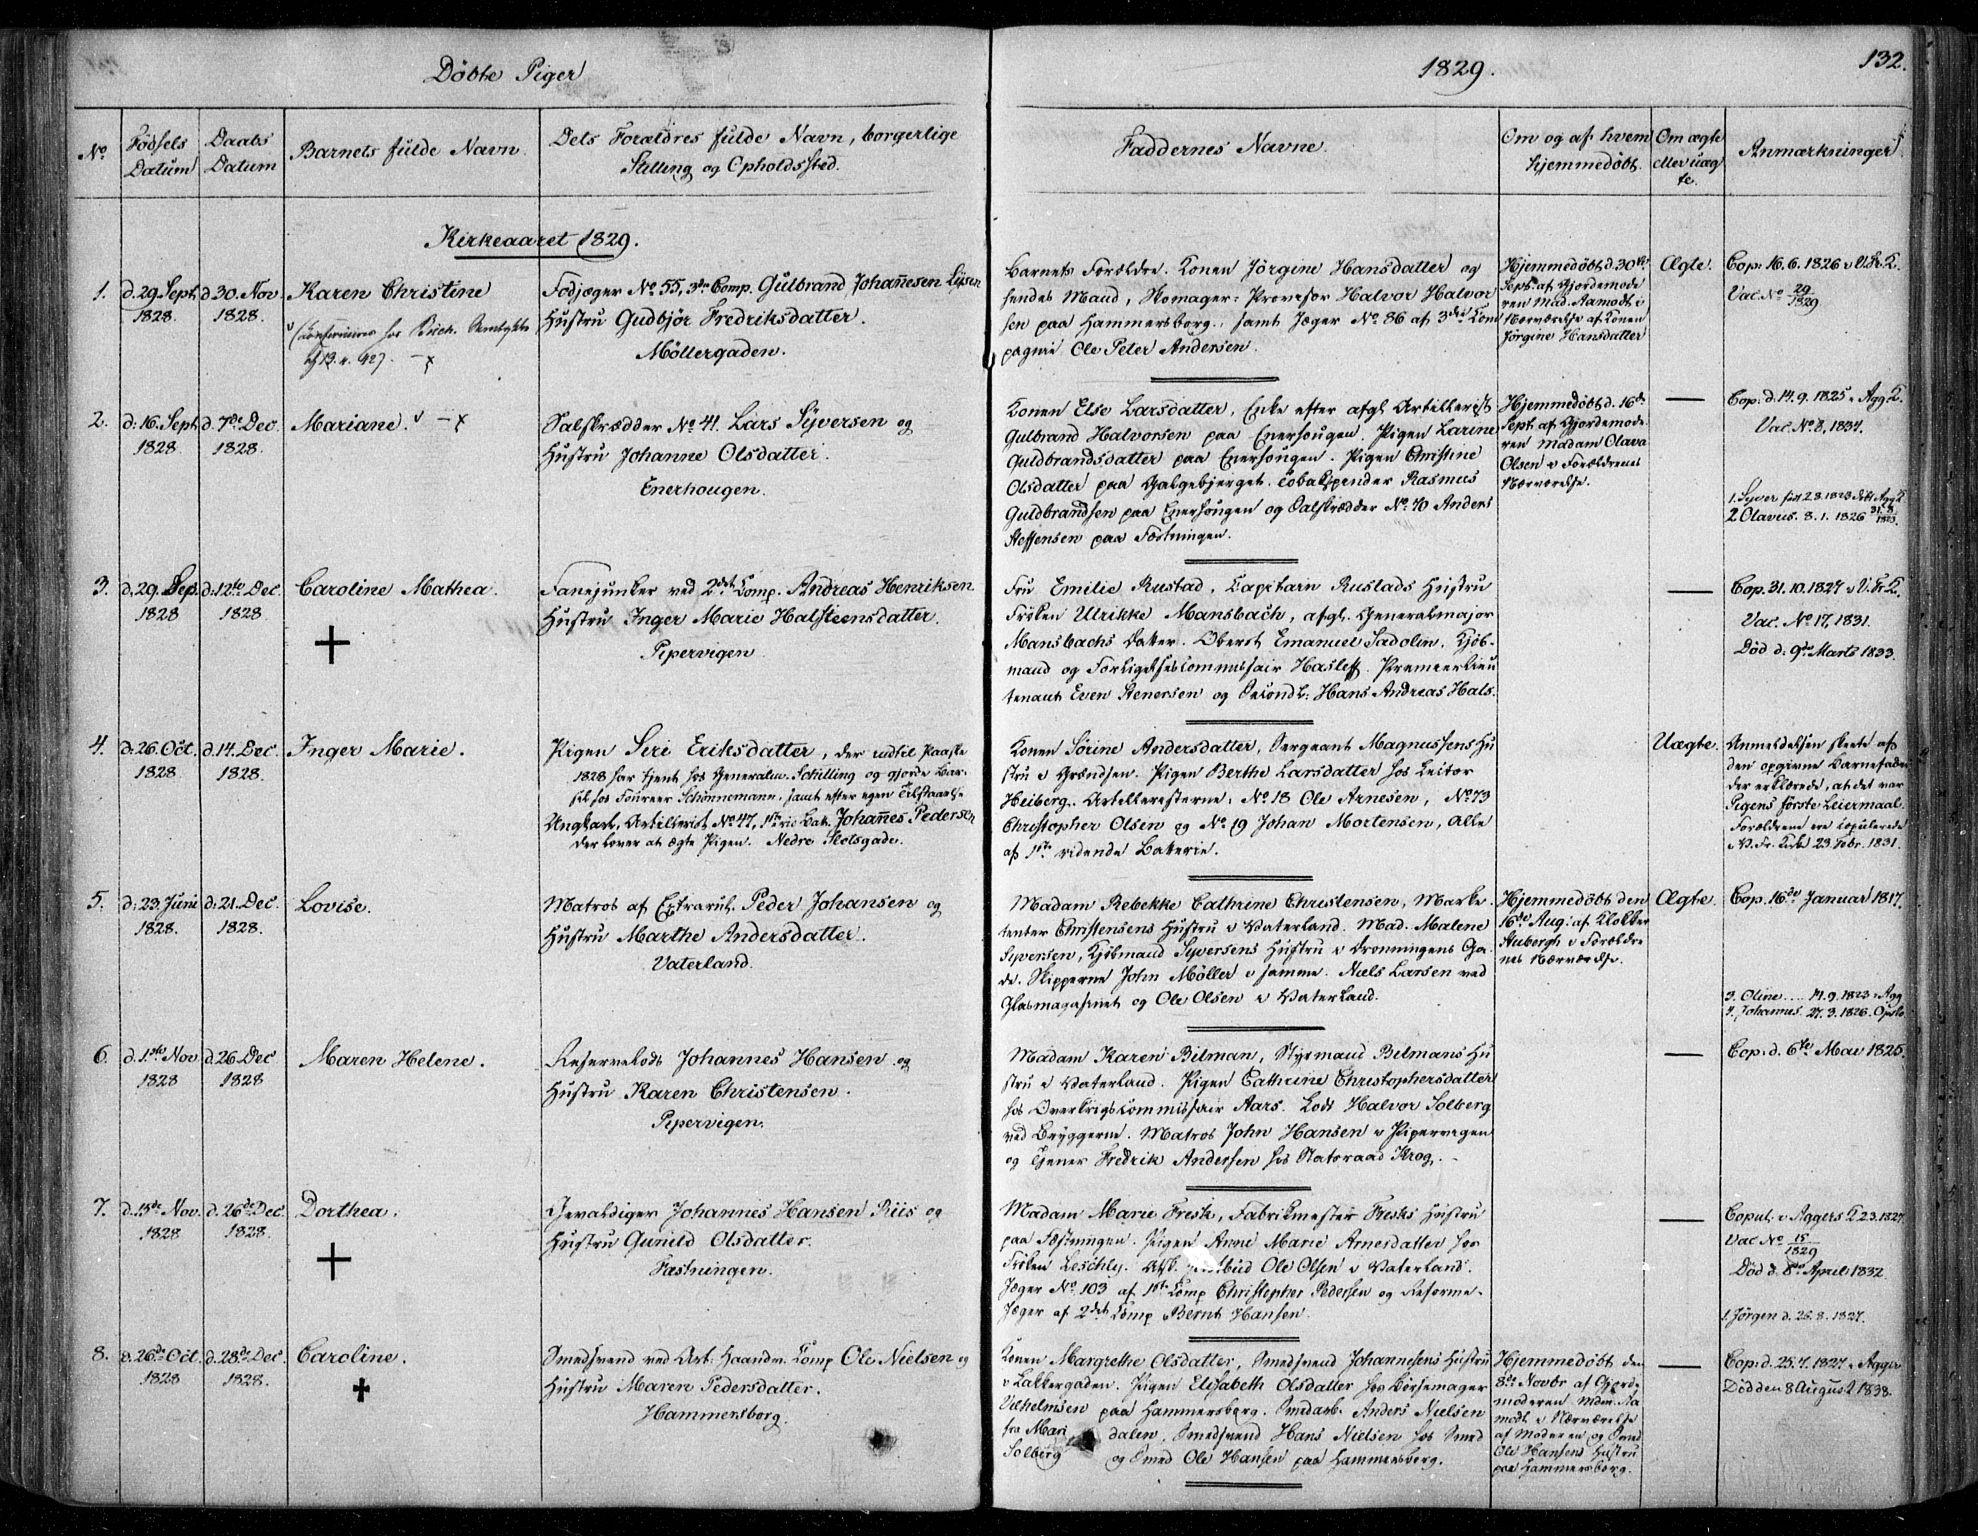 SAO, Garnisonsmenigheten Kirkebøker, F/Fa/L0006: Ministerialbok nr. 6, 1828-1841, s. 132